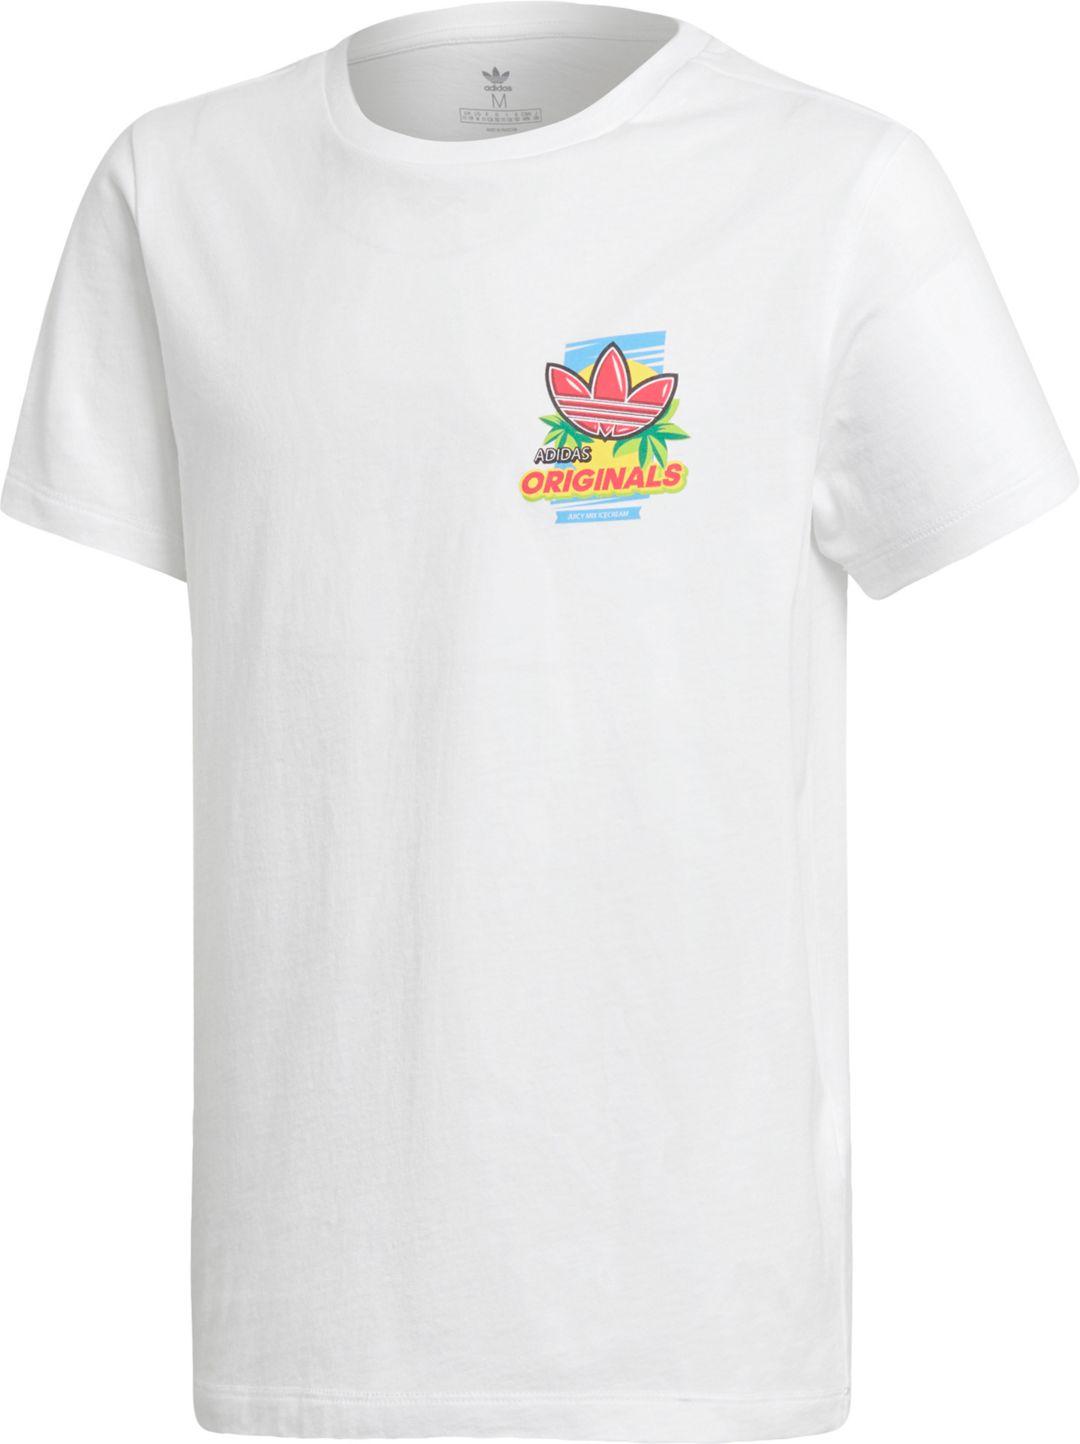 pas mal b223f b752e adidas Originals Boys' Ice Cream T-Shirt